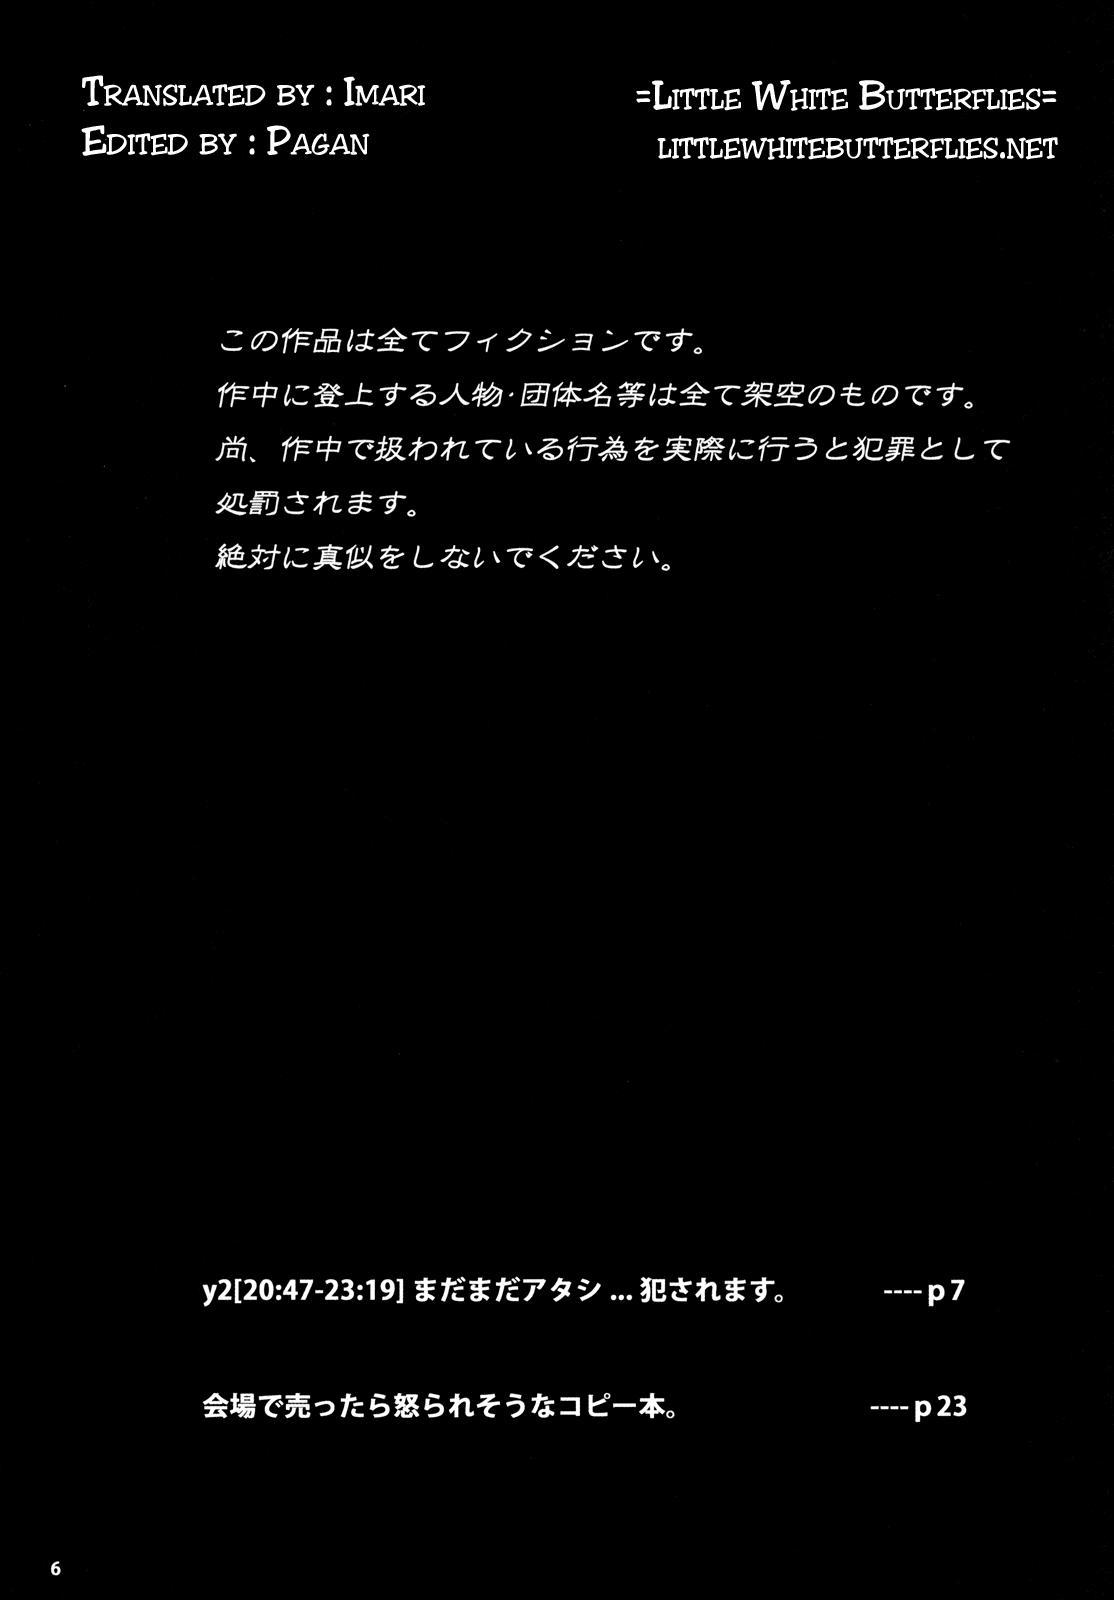 (C79) [Kisidou (Kishi Kaisei)] y2[20:47-23:19] Madamada Atashi… Okasaremasu. [English] =Little White Butterflies= 2